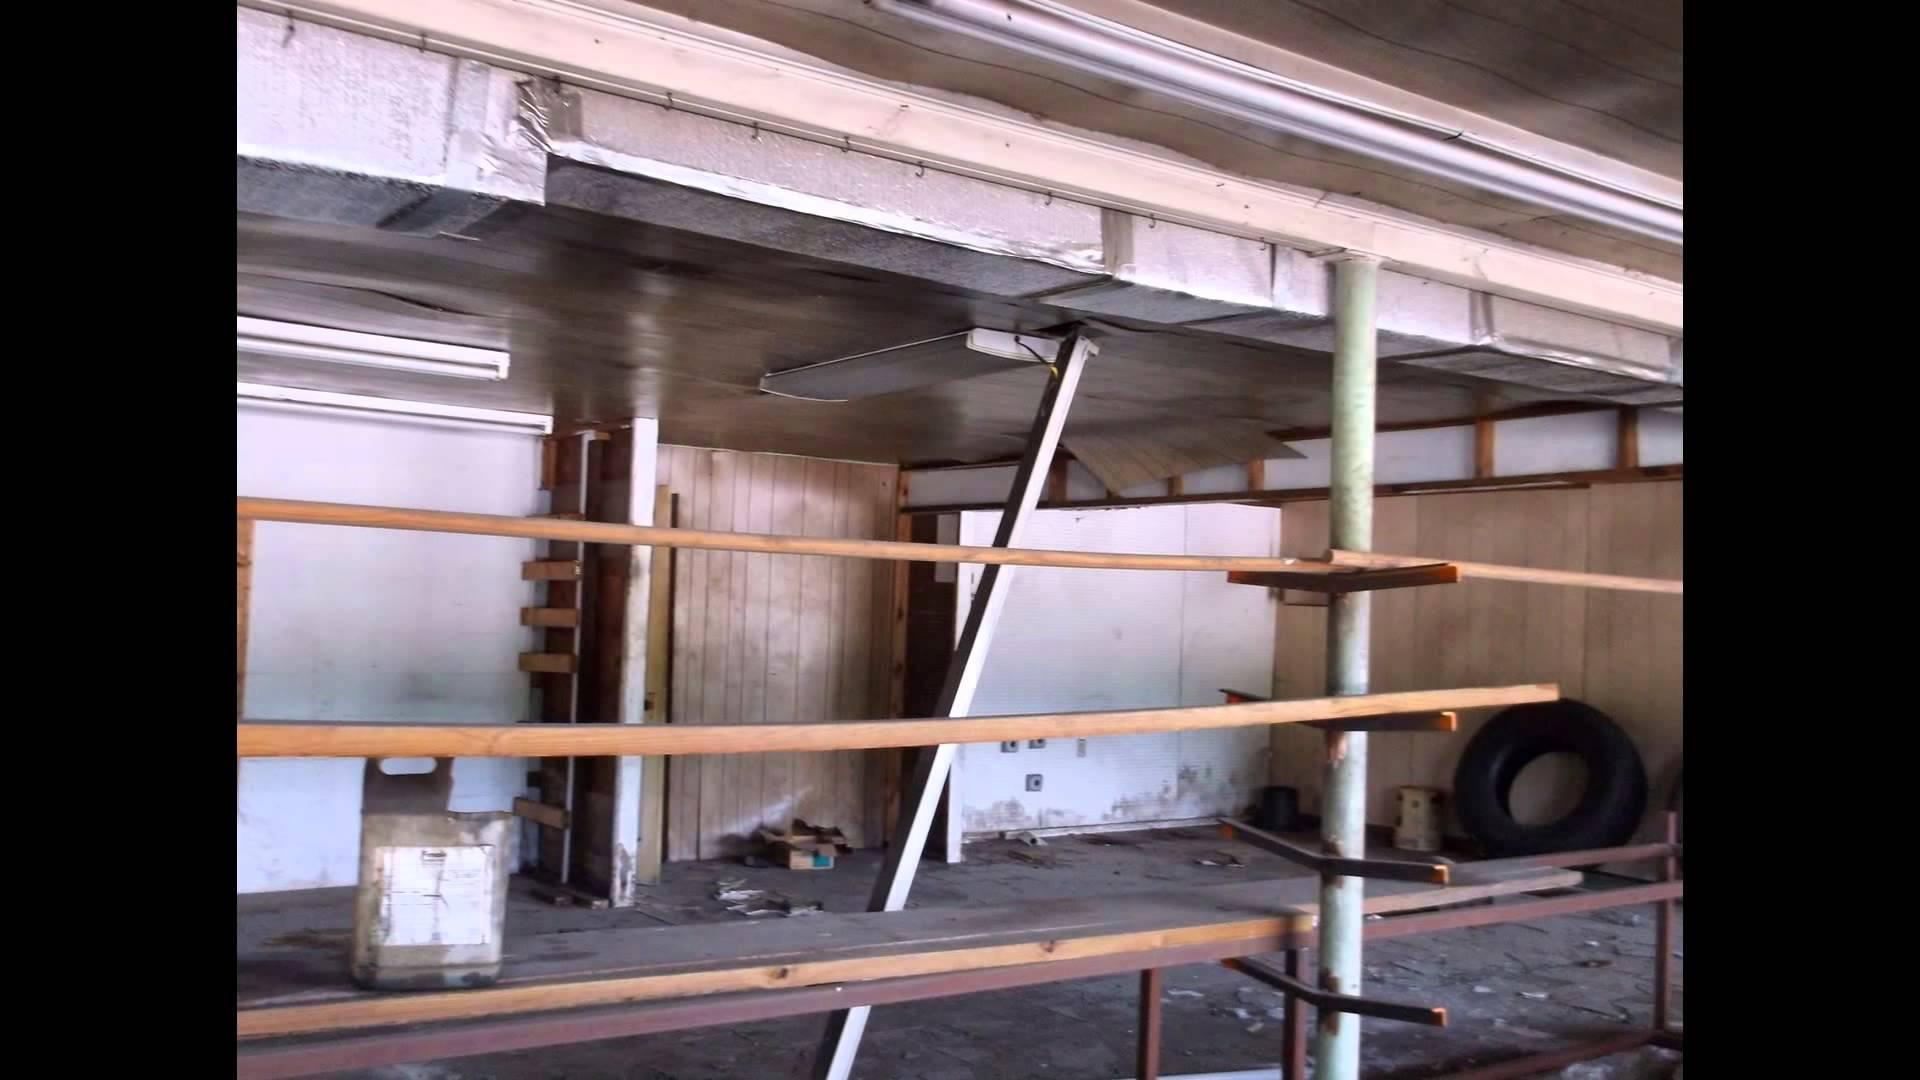 Abandoned Semi Truck Repair Shop 2015